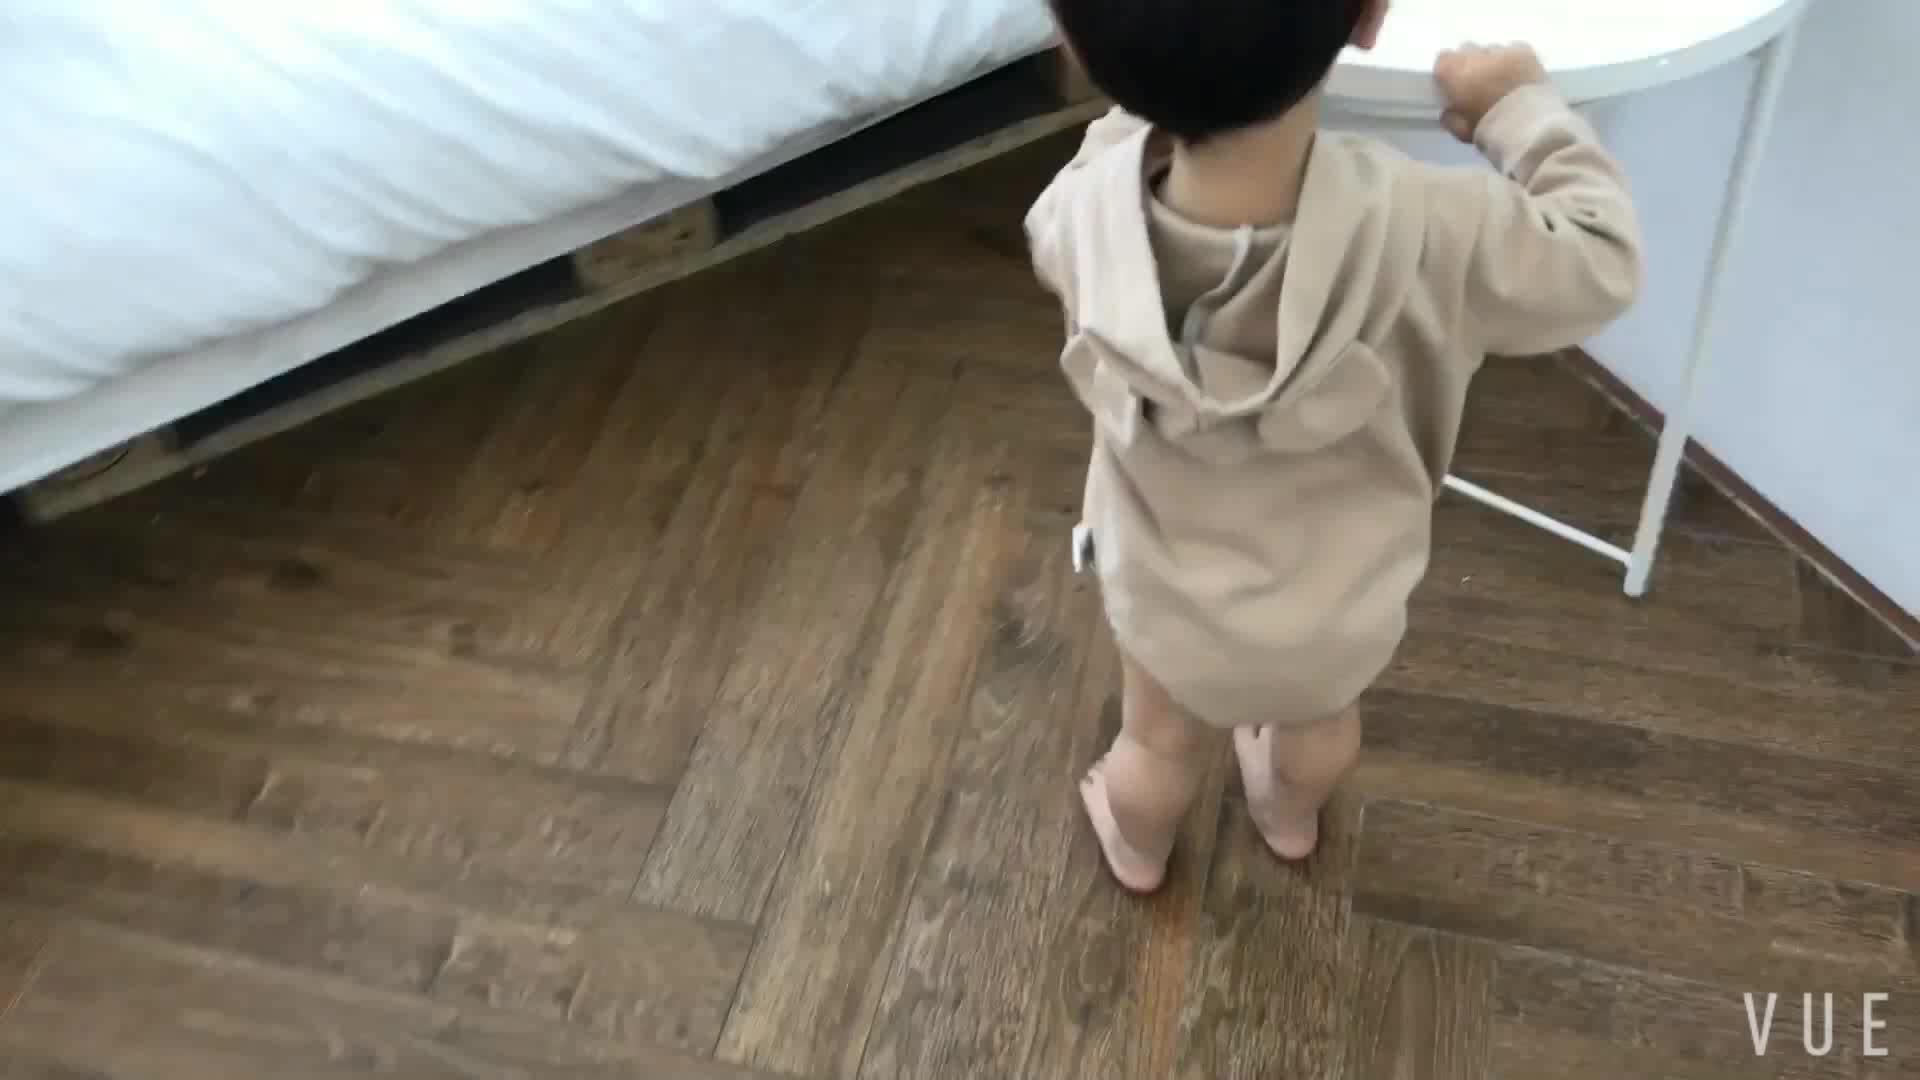 Q2-baby Infant Toddlers Vêtements Coton Doux Mignon Bébé Garçon Barboteuses Avec Capuchon